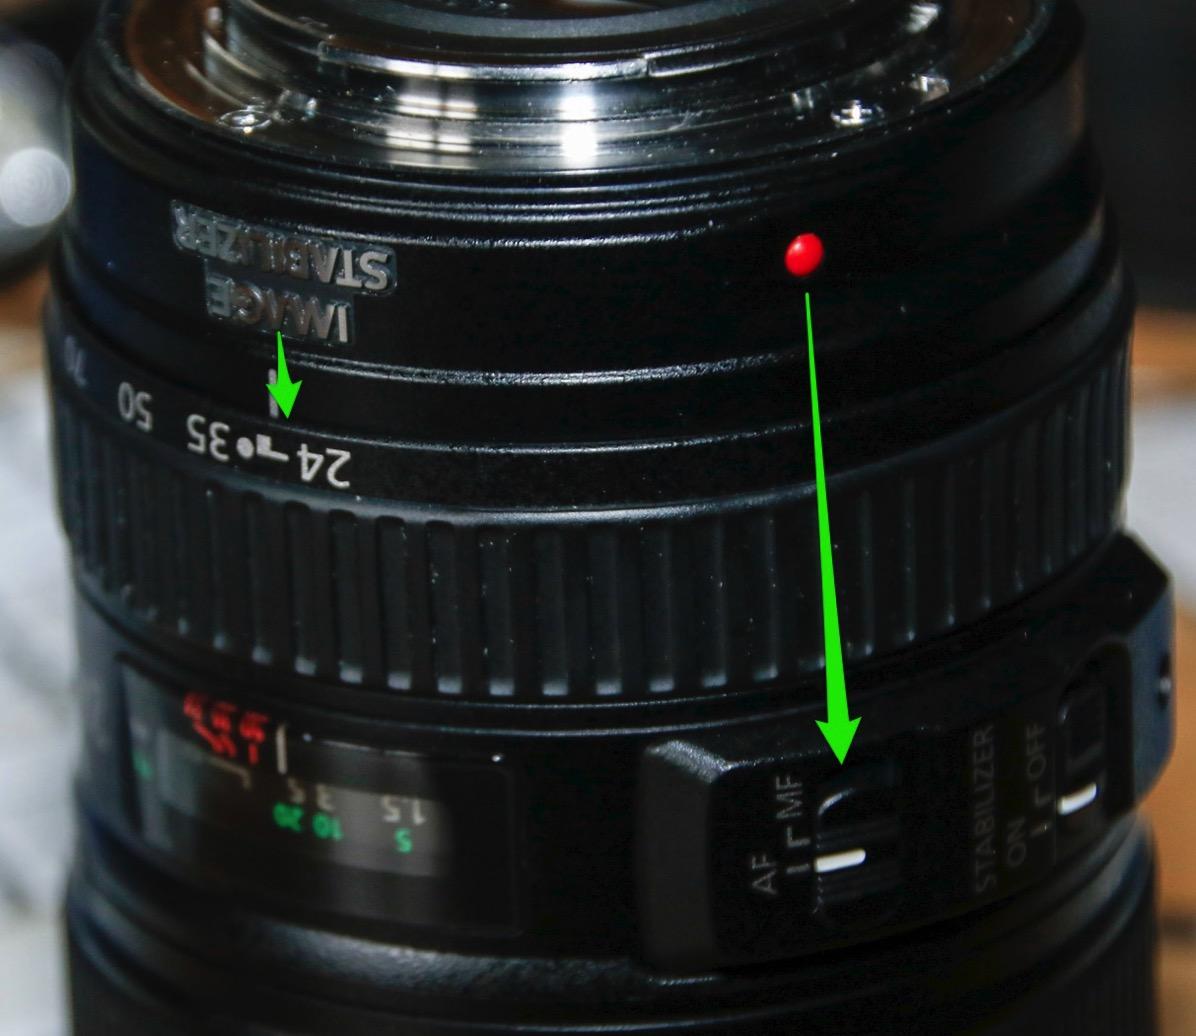 Lens rear cover